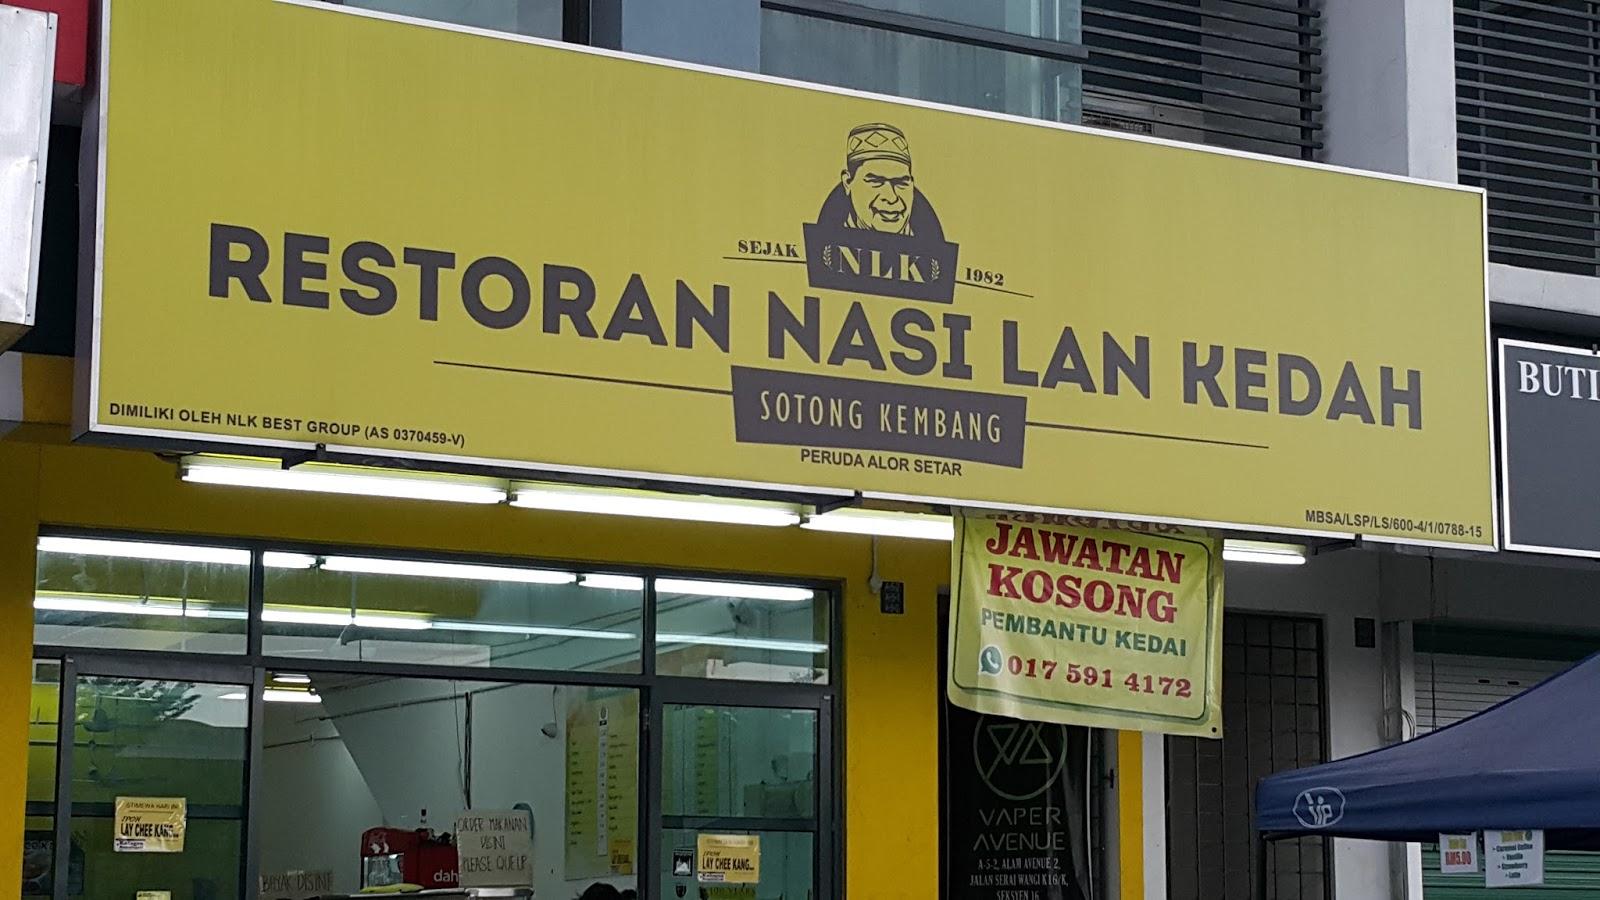 Restoran Nasi Lan Kedah